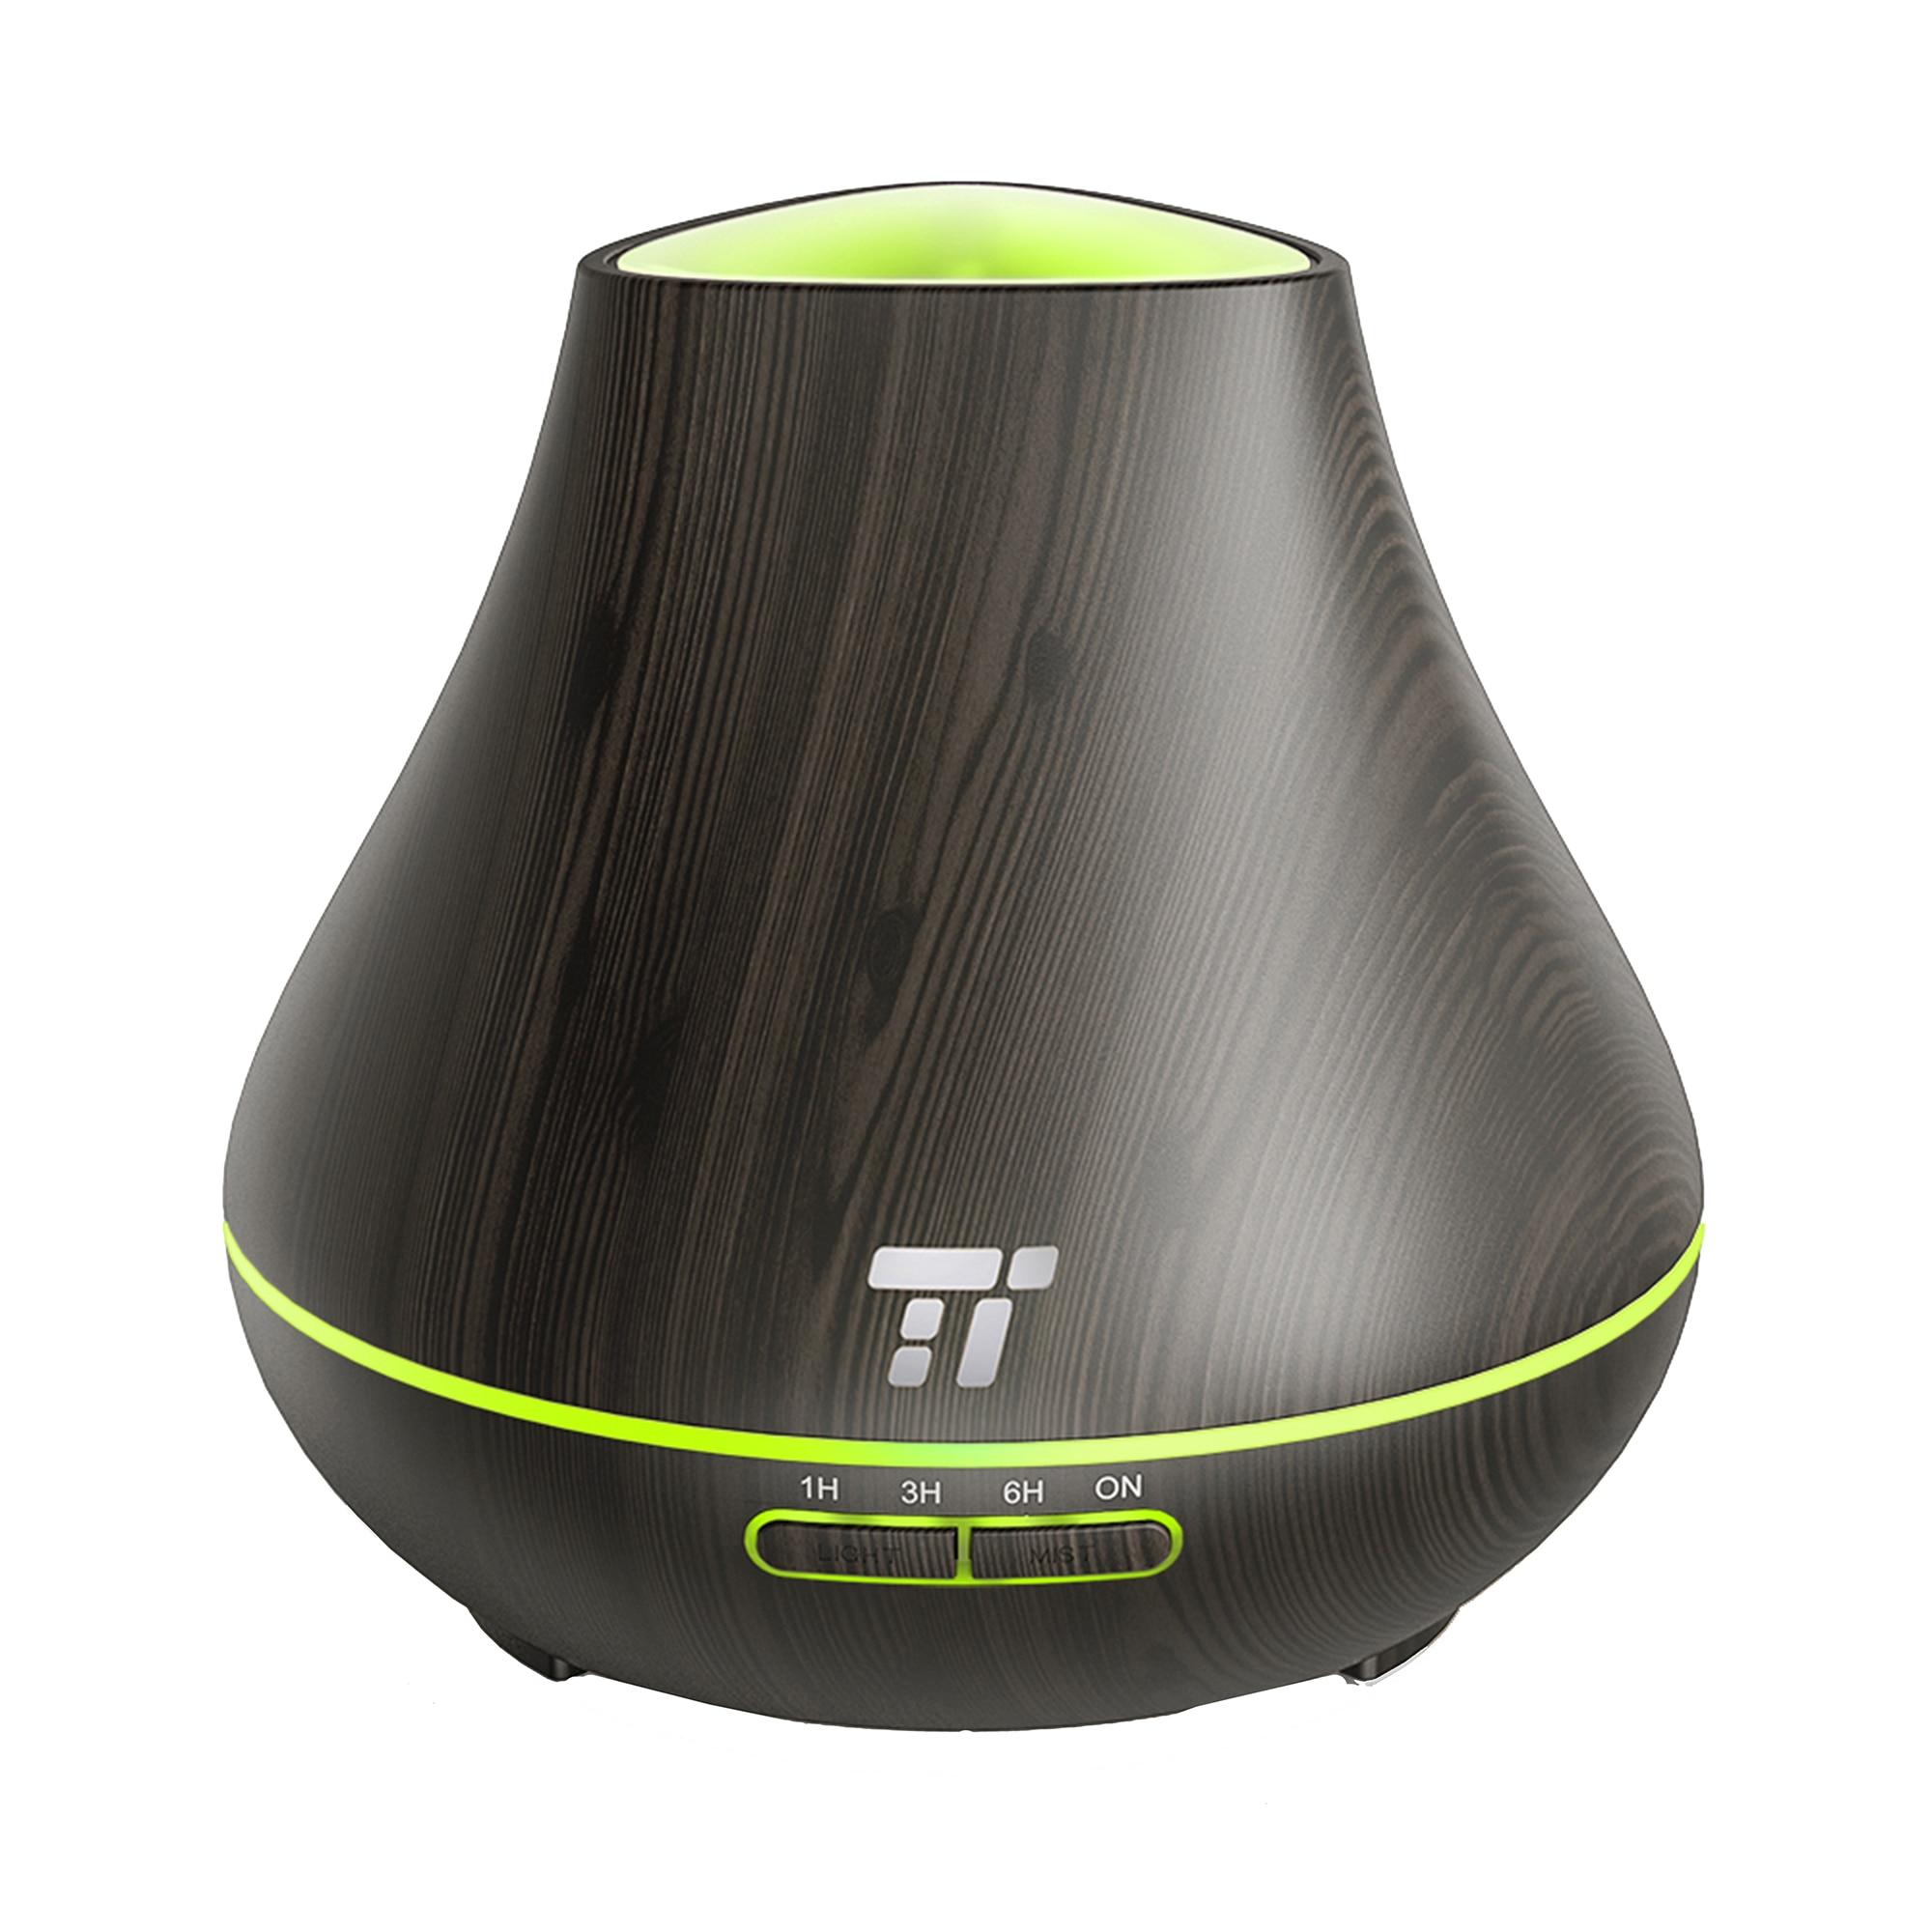 Fotografie Difuzor aroma TaoTronics TT-AD004, 13W, 400ml, Dark grain